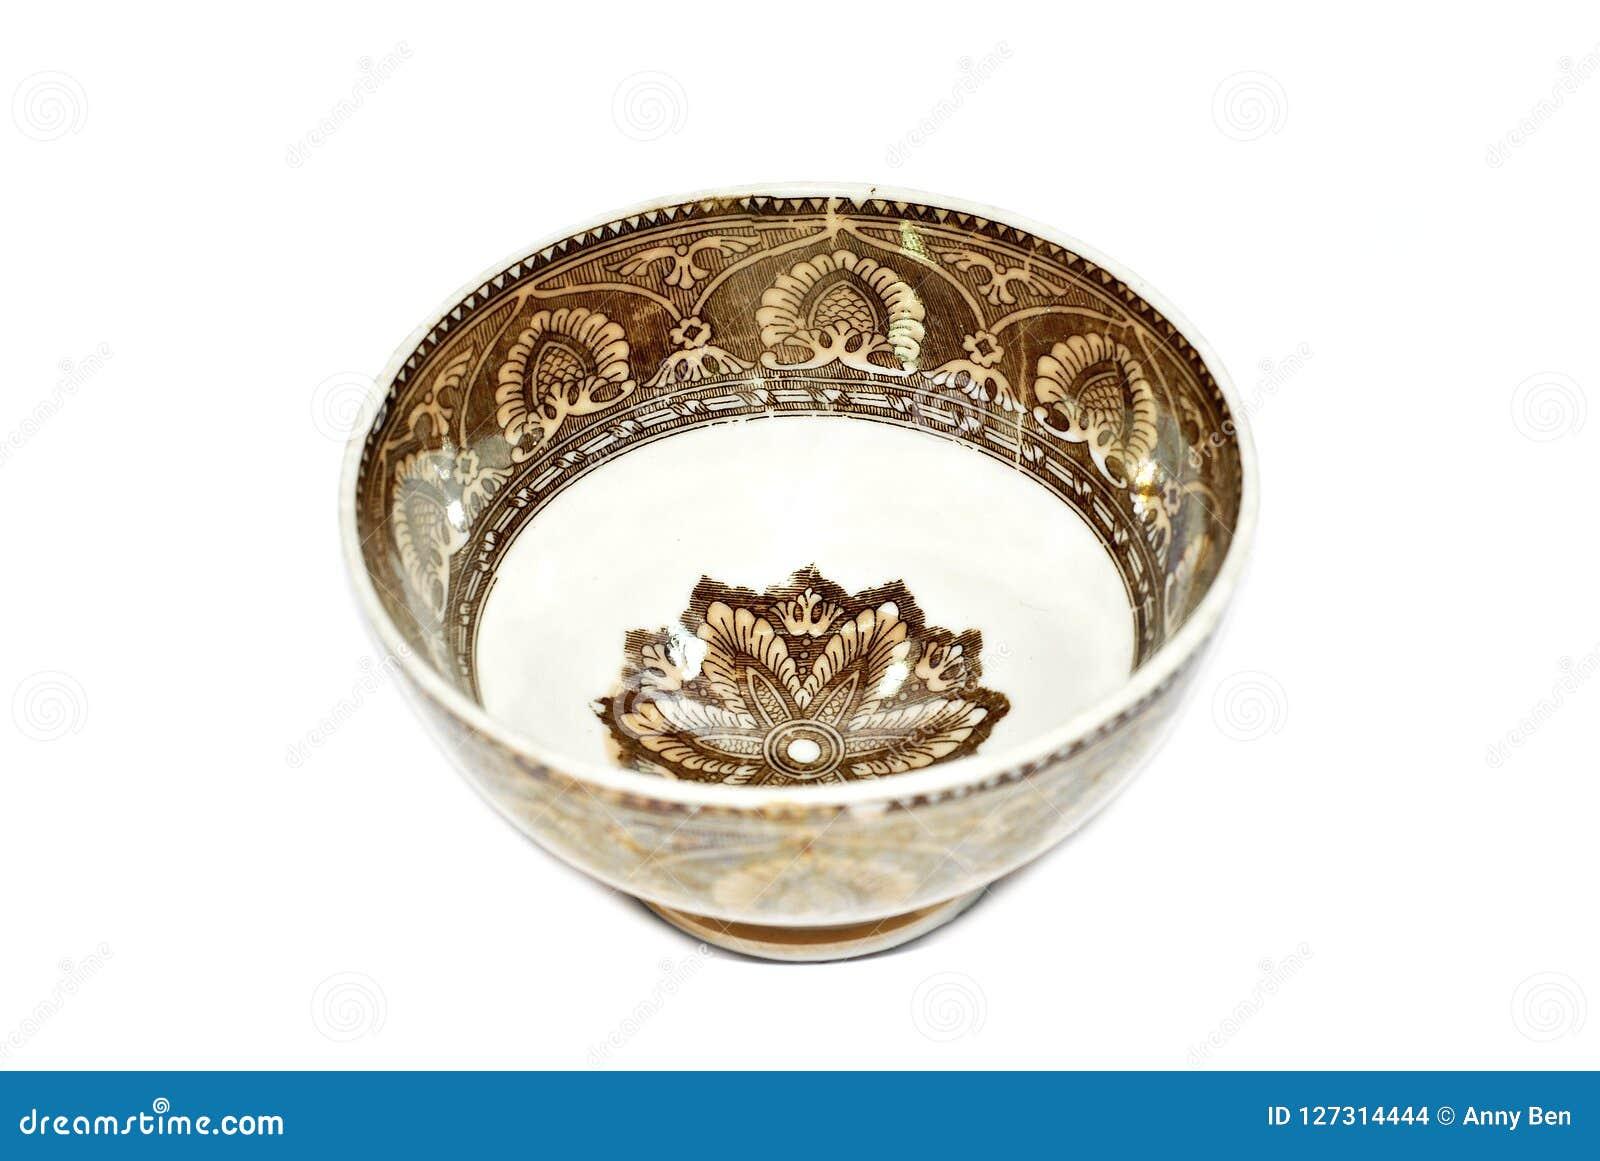 Antik keramisk bordsservis som isoleras på vit